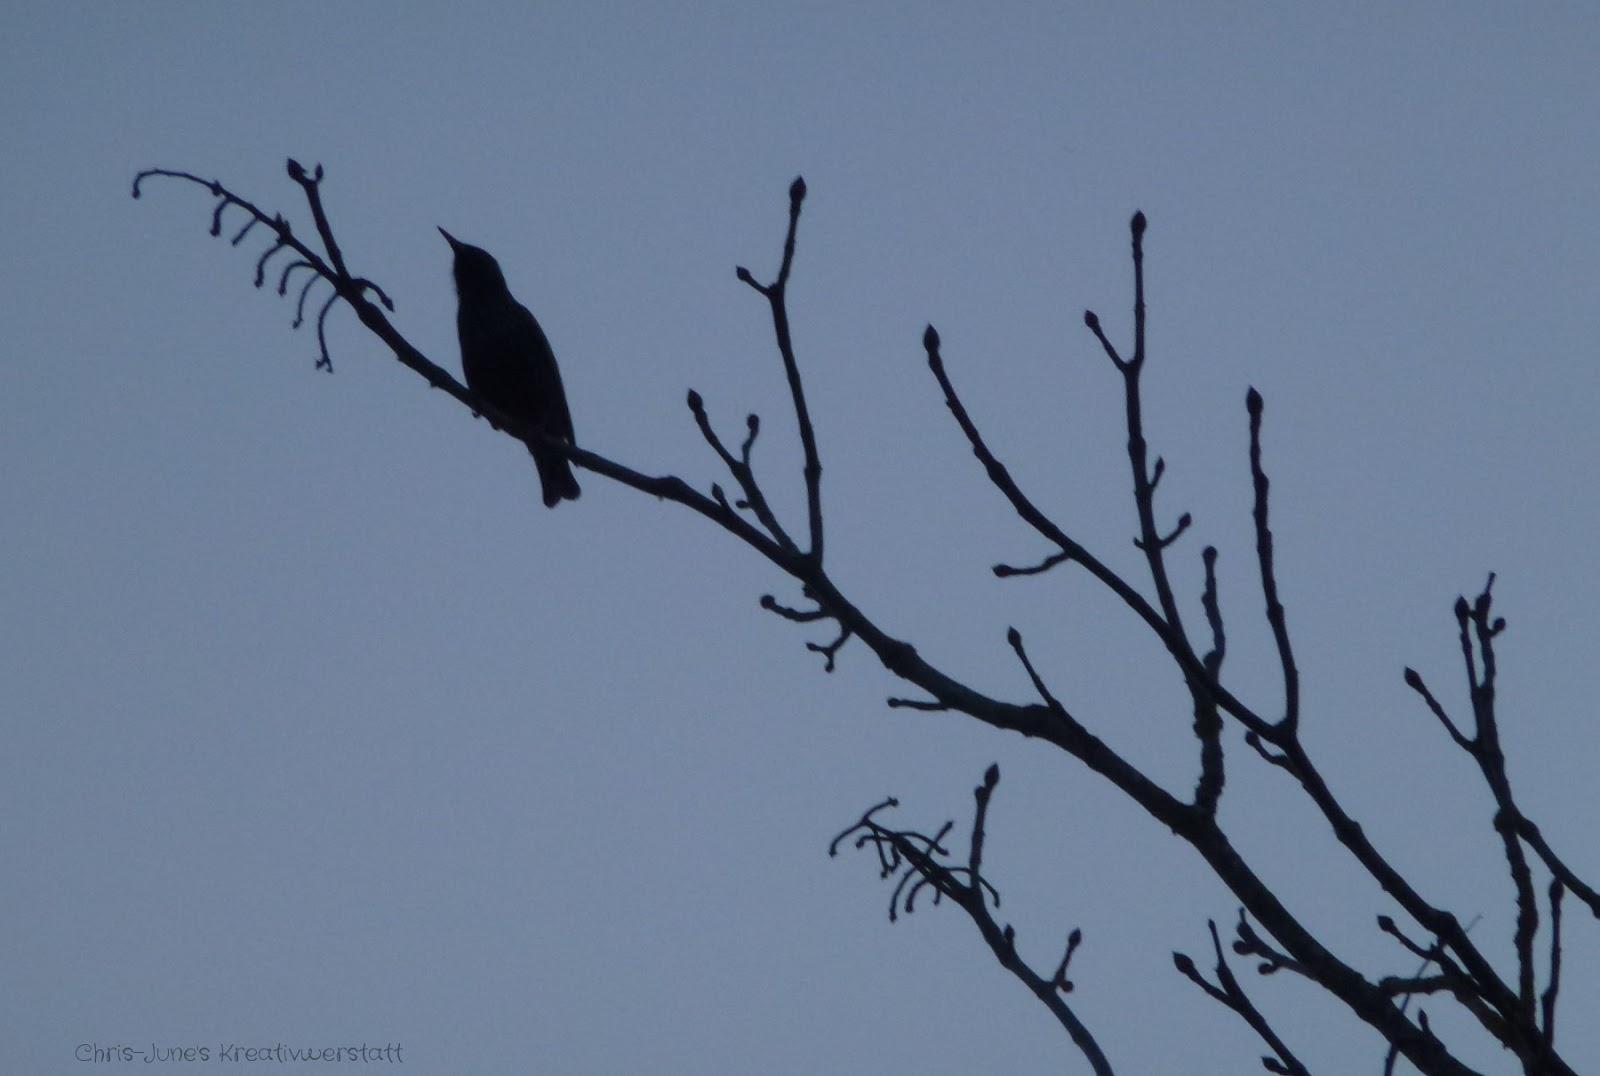 Vogel auf Zweig - Scherenschnitt